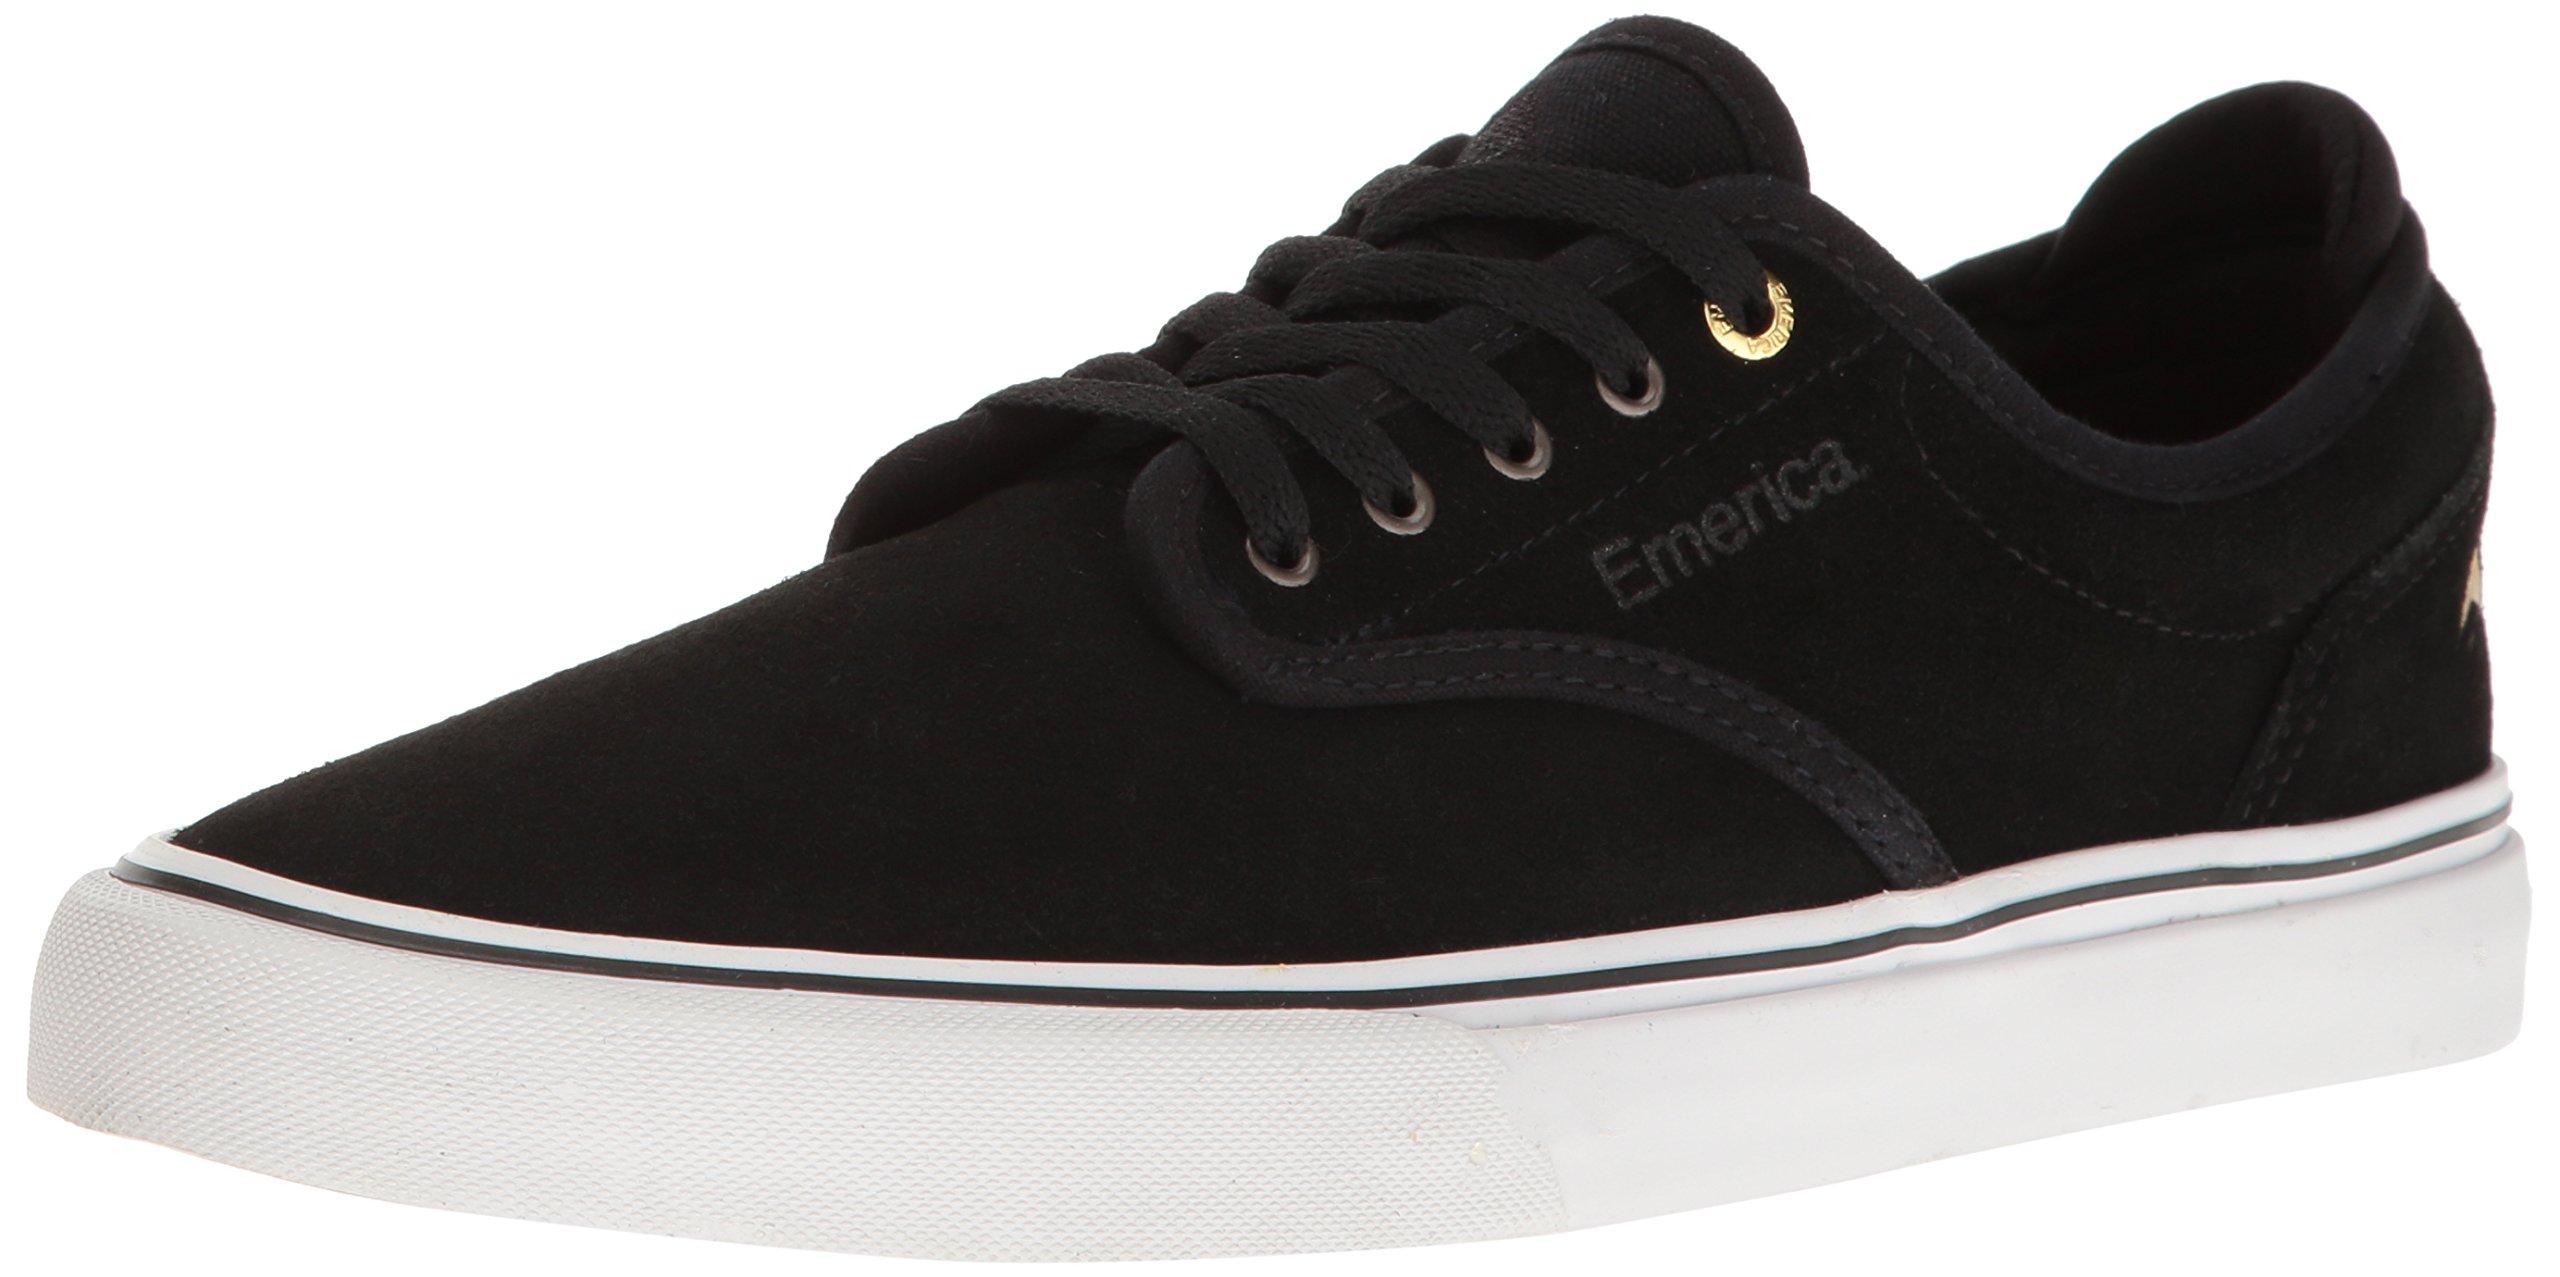 Emerica G6 Skateboarding Black White